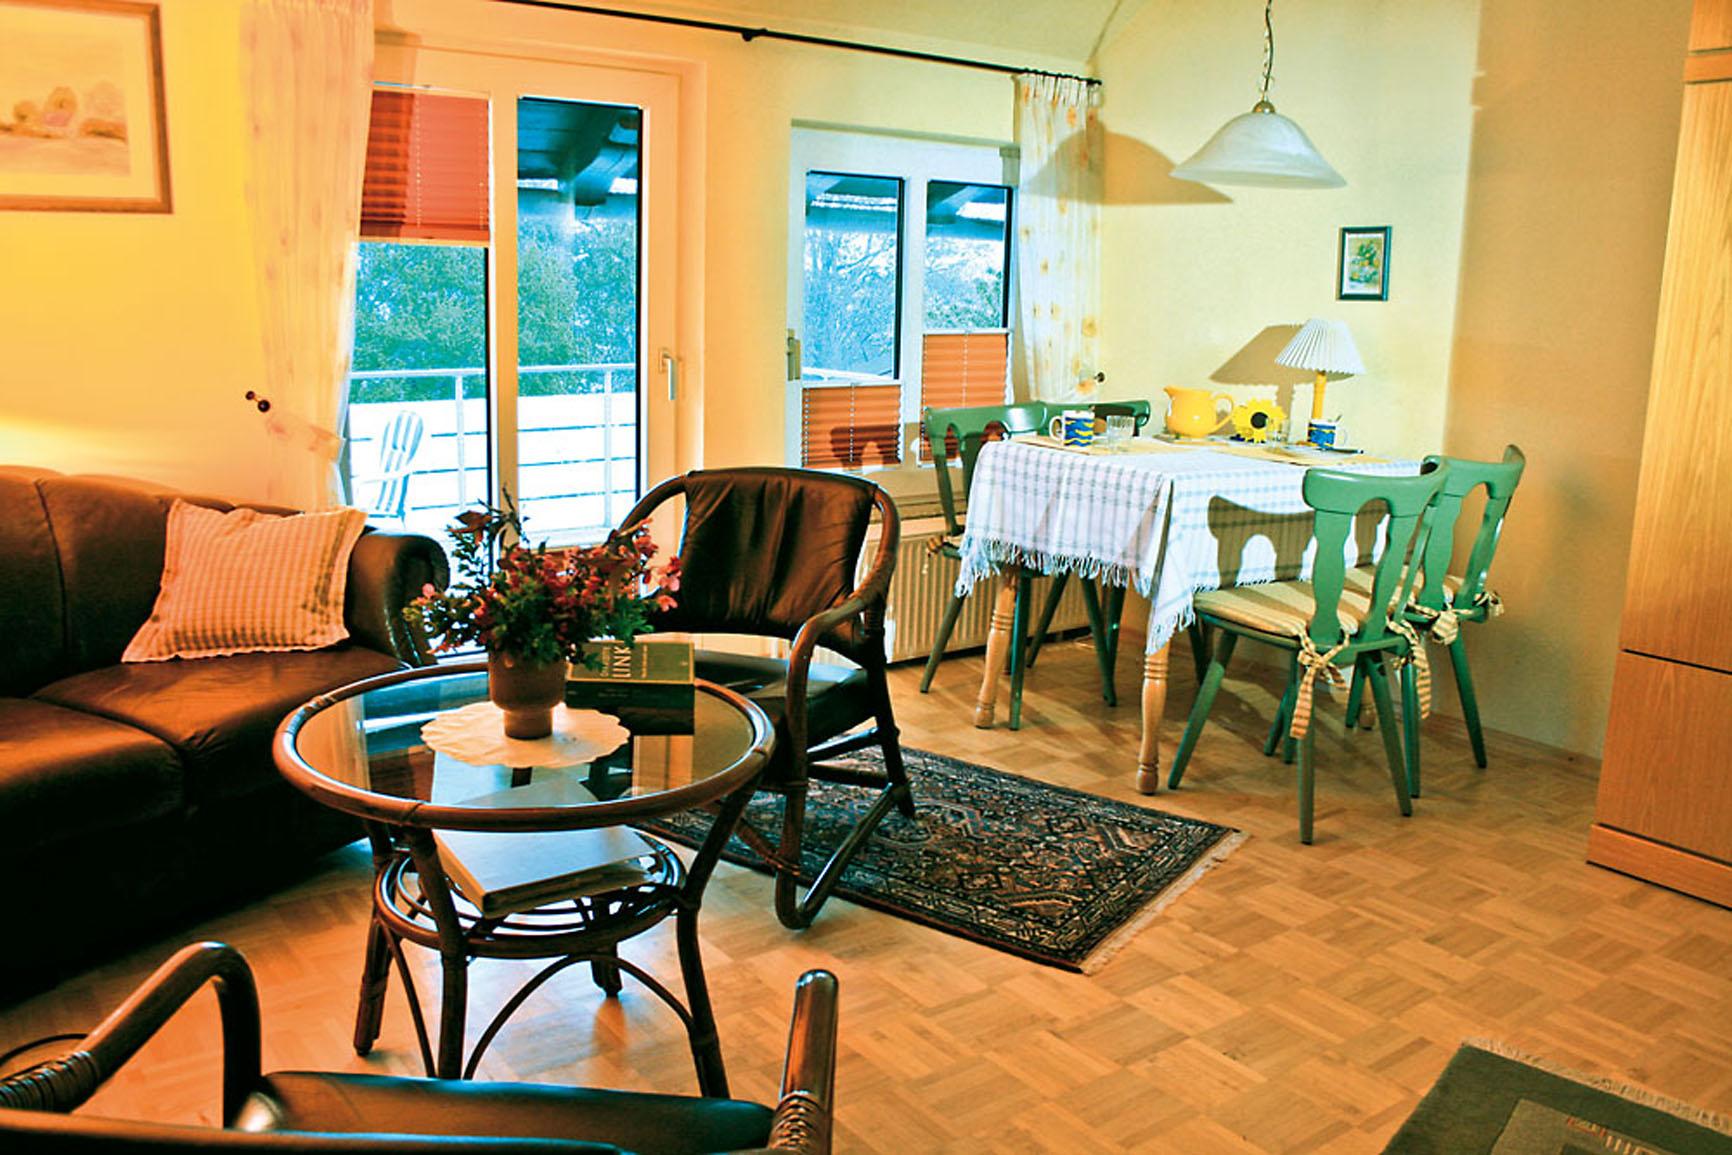 Ferienwohnung 2 - Wohnzimmer mit Balkon